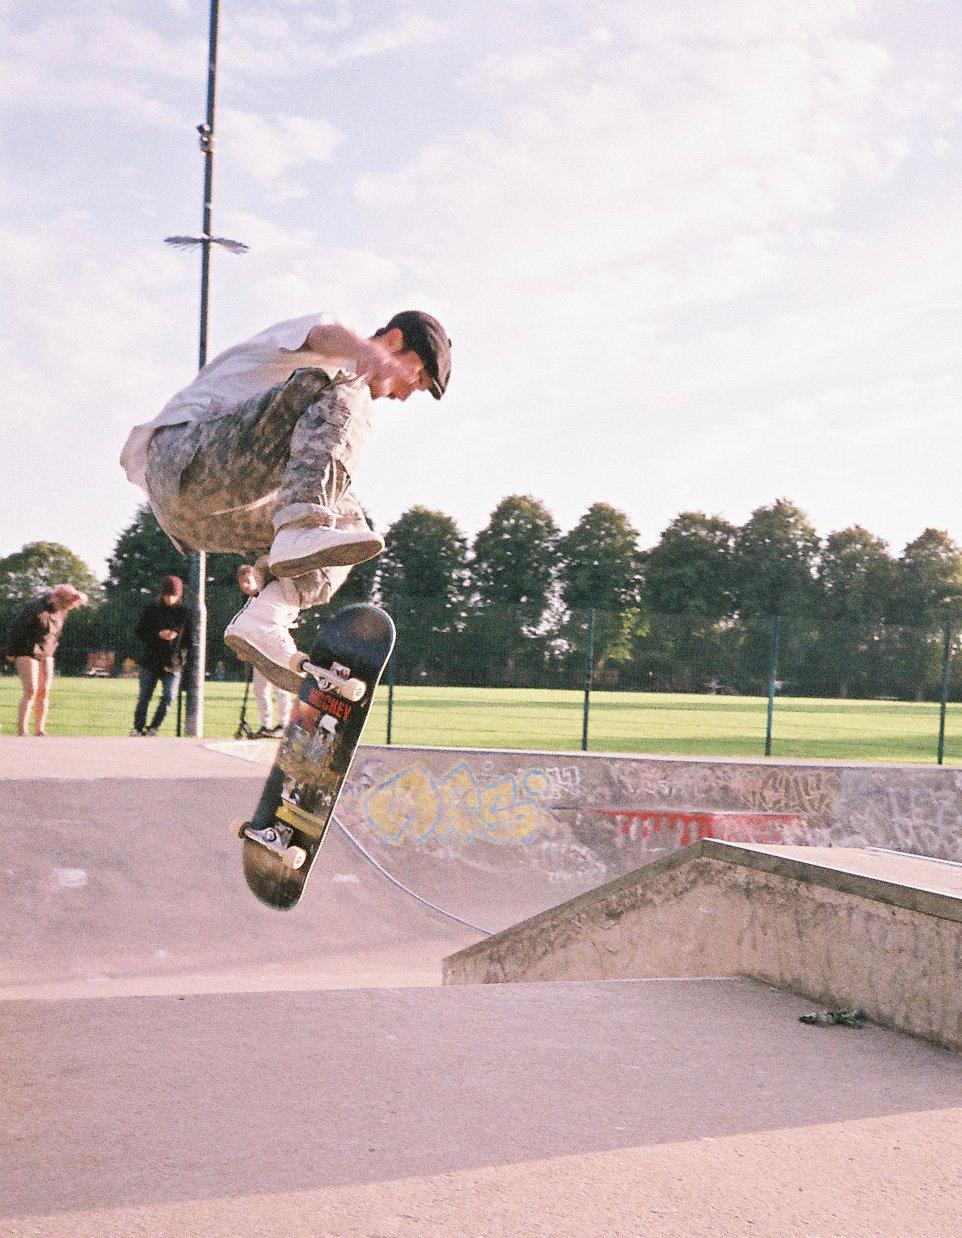 Skateboard Only